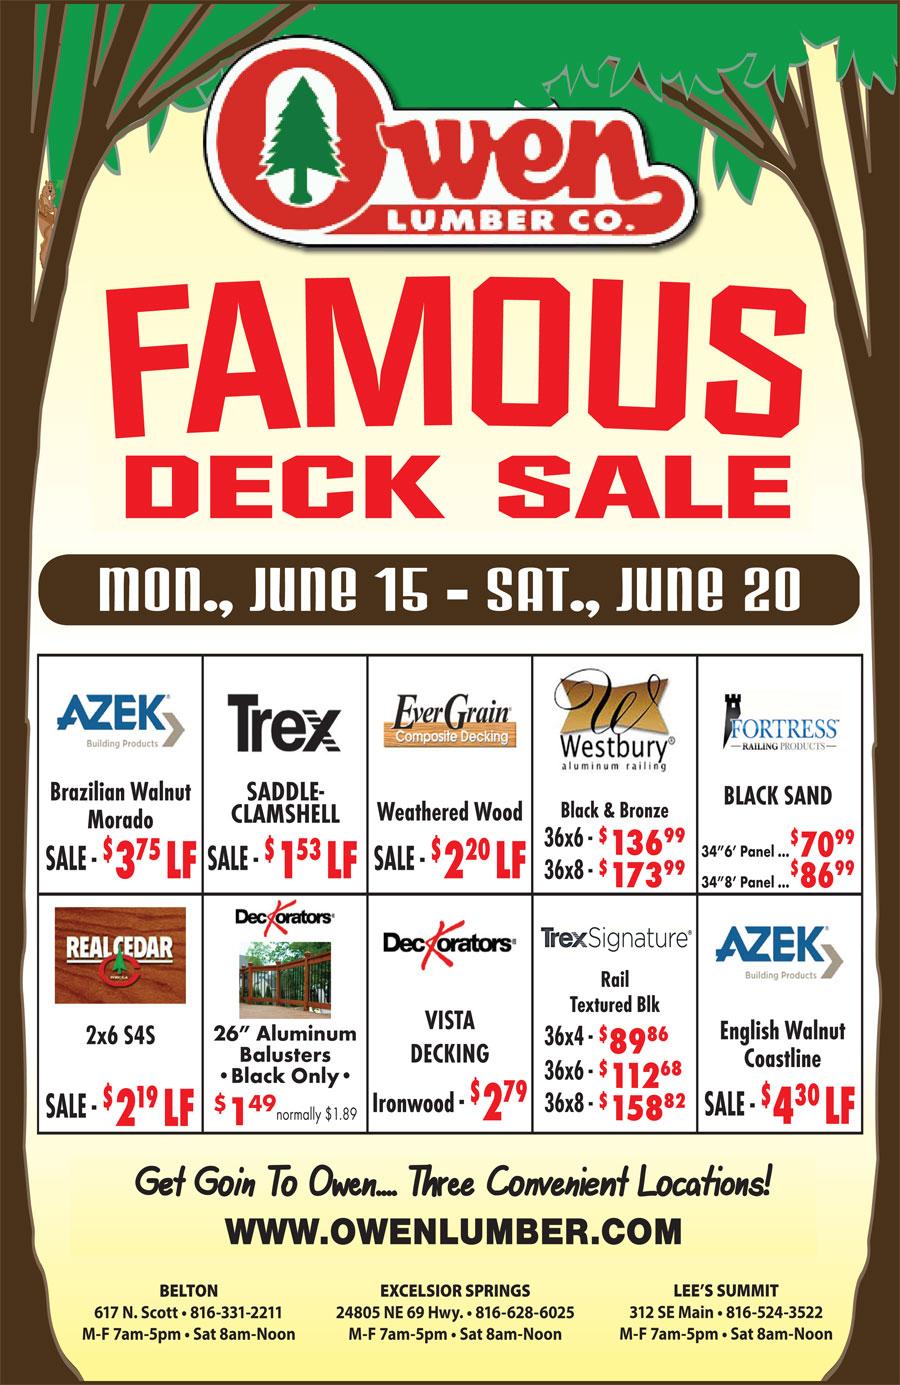 famous_deck_sale_2020